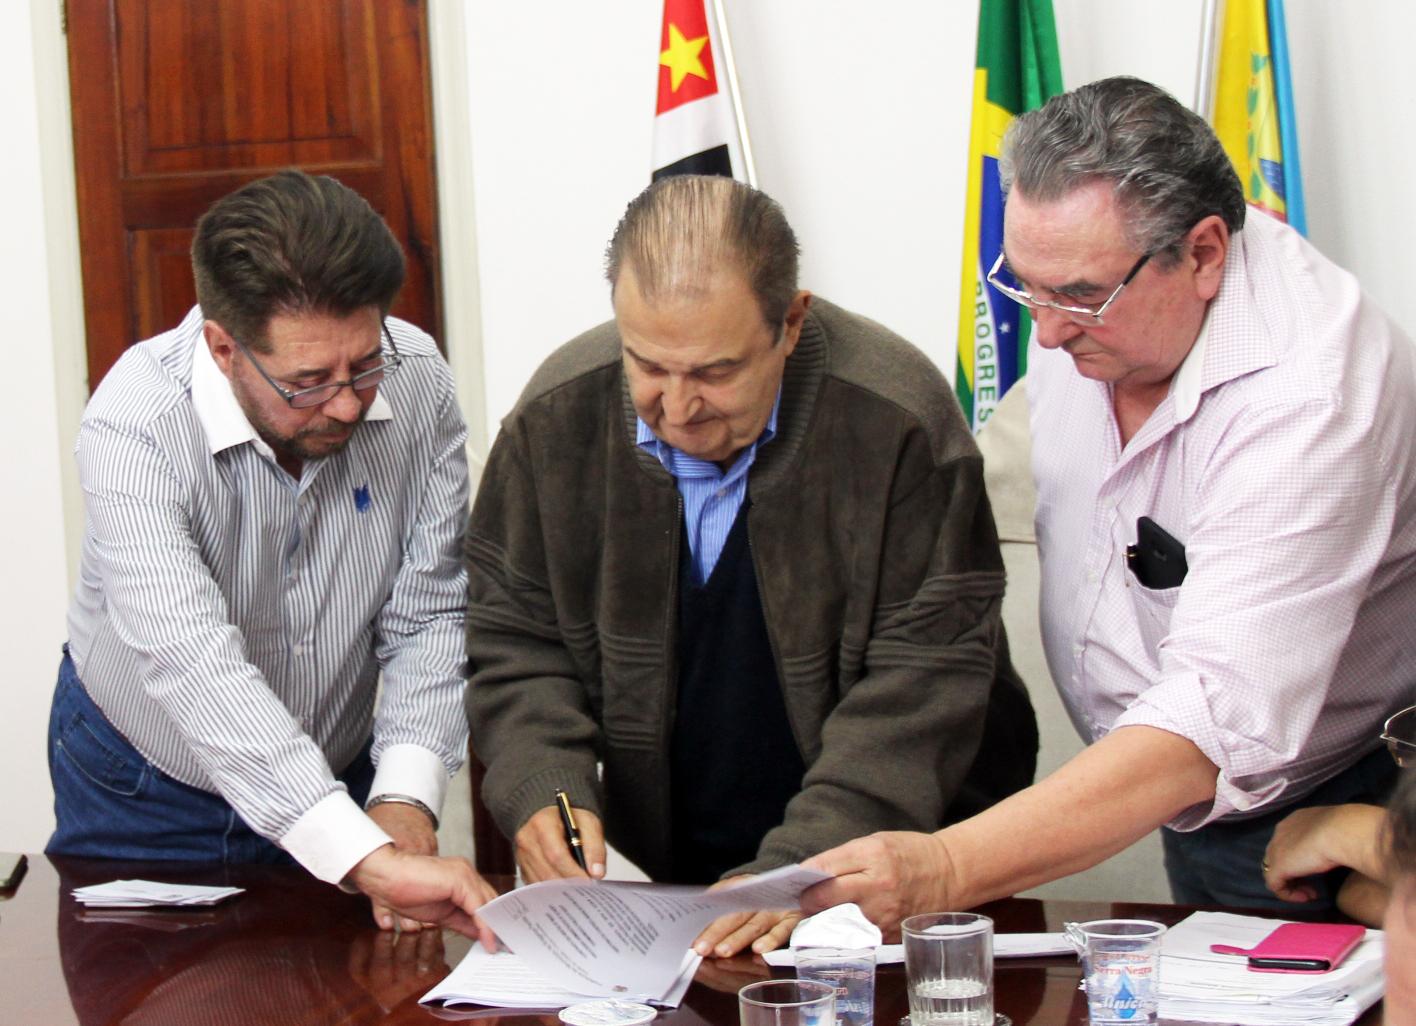 14.08.2017 Assinatura do contrato da nova O (2)